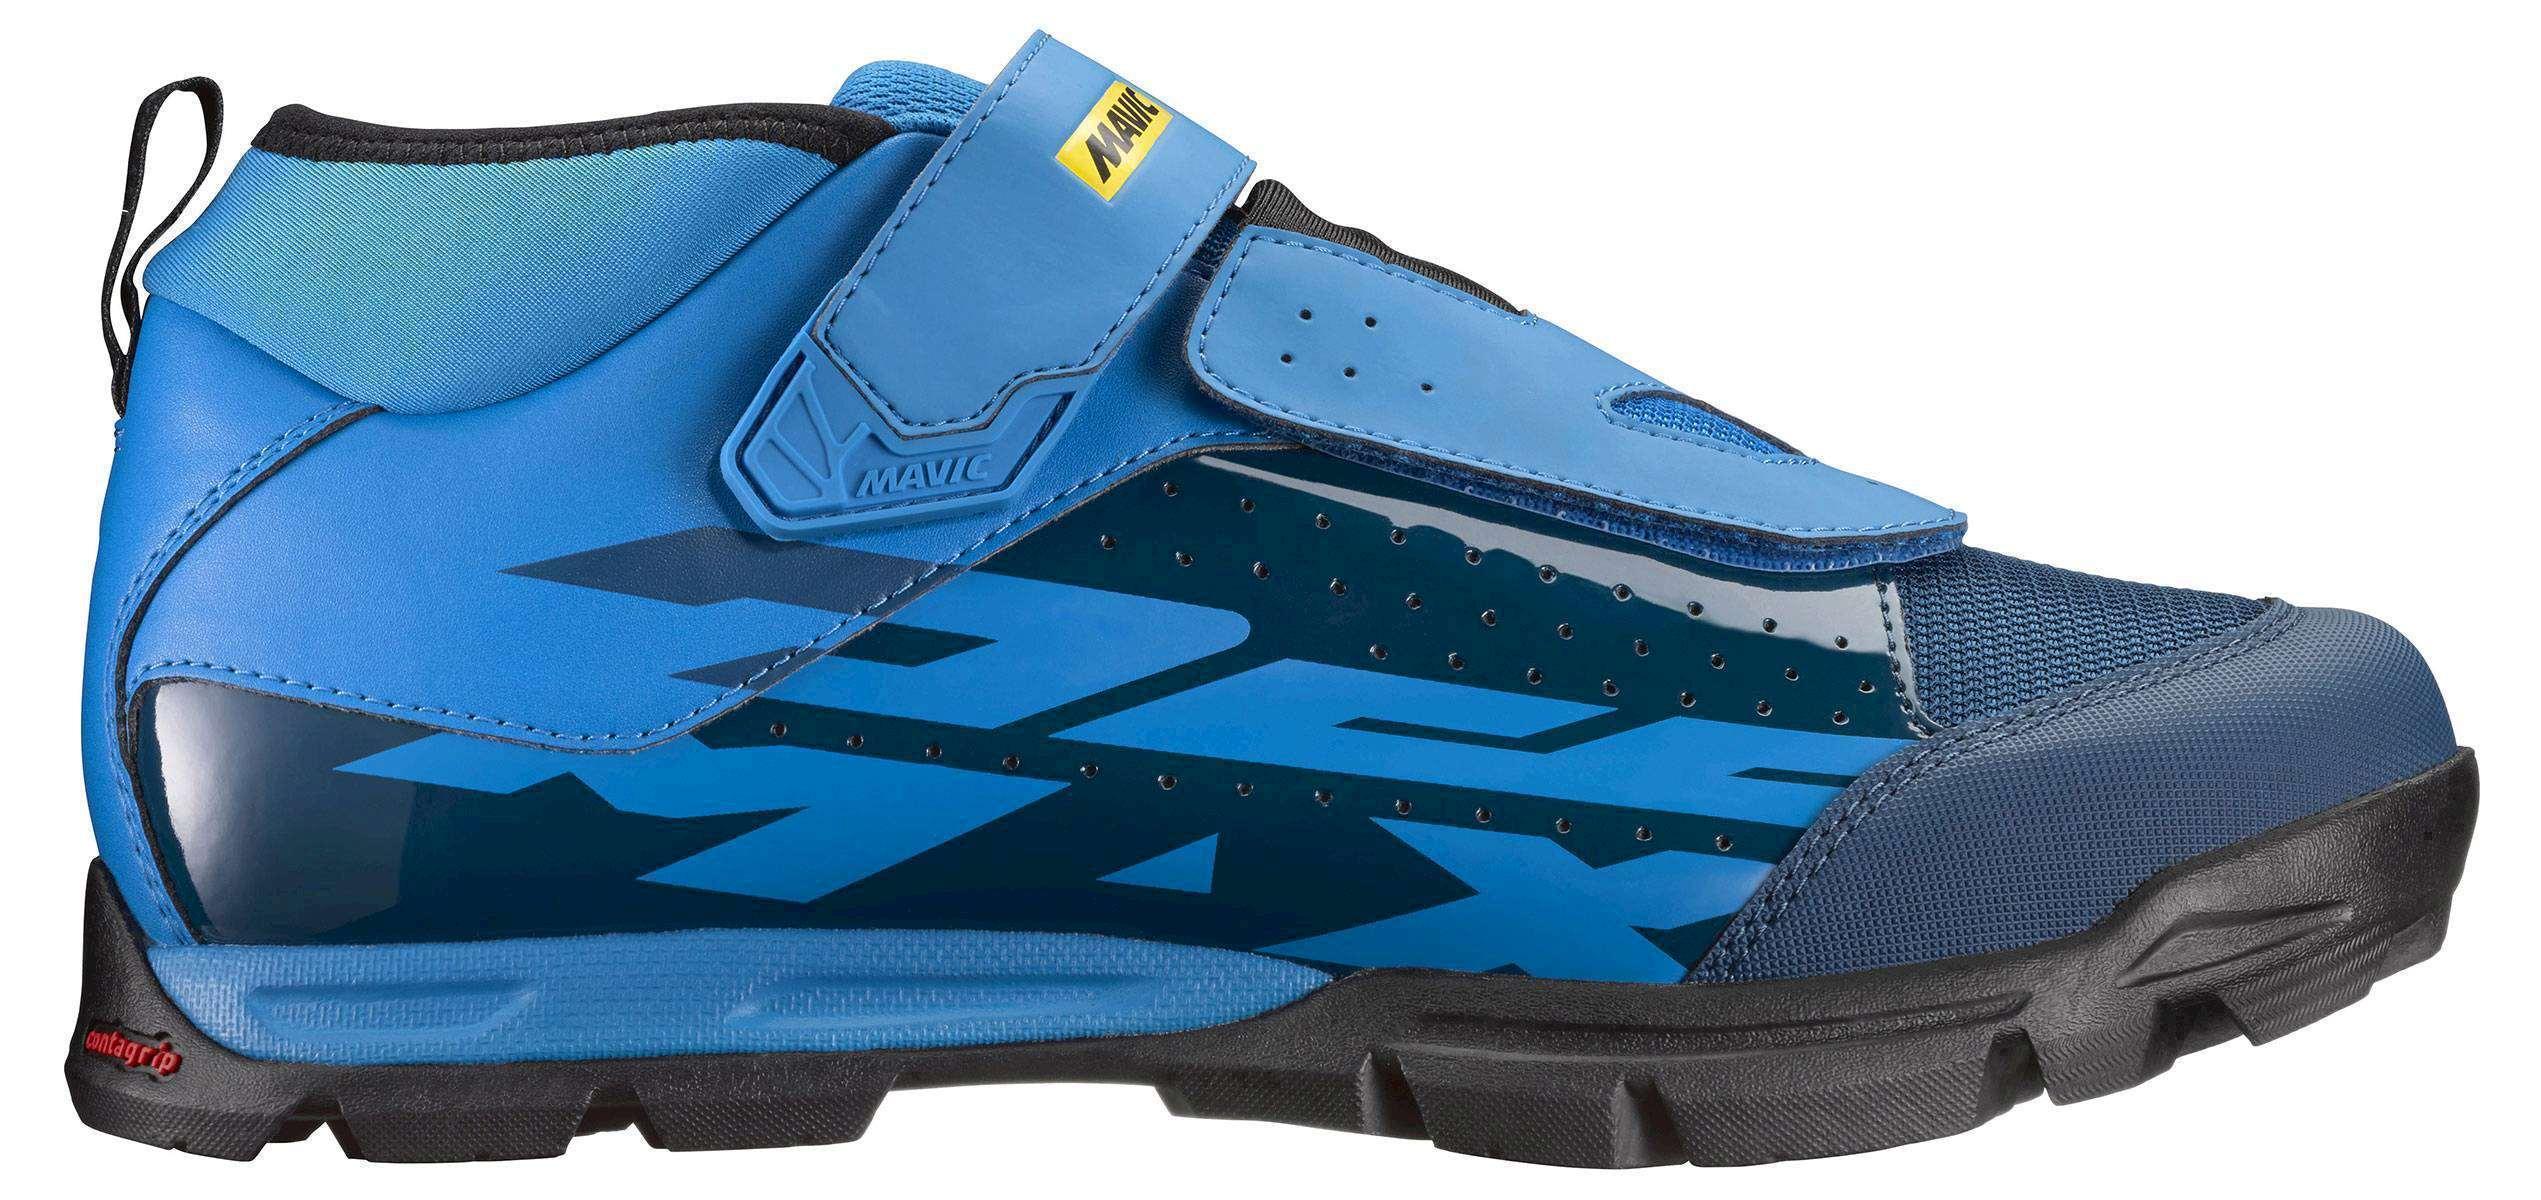 671a47da9c8c MAVIC Cipő DEEMAX ELITE POSEIDON/INDIGO BUNTING/BLACK | Kerékpáros cipők |  Kerépár Webshop | Akciós kerékpárok